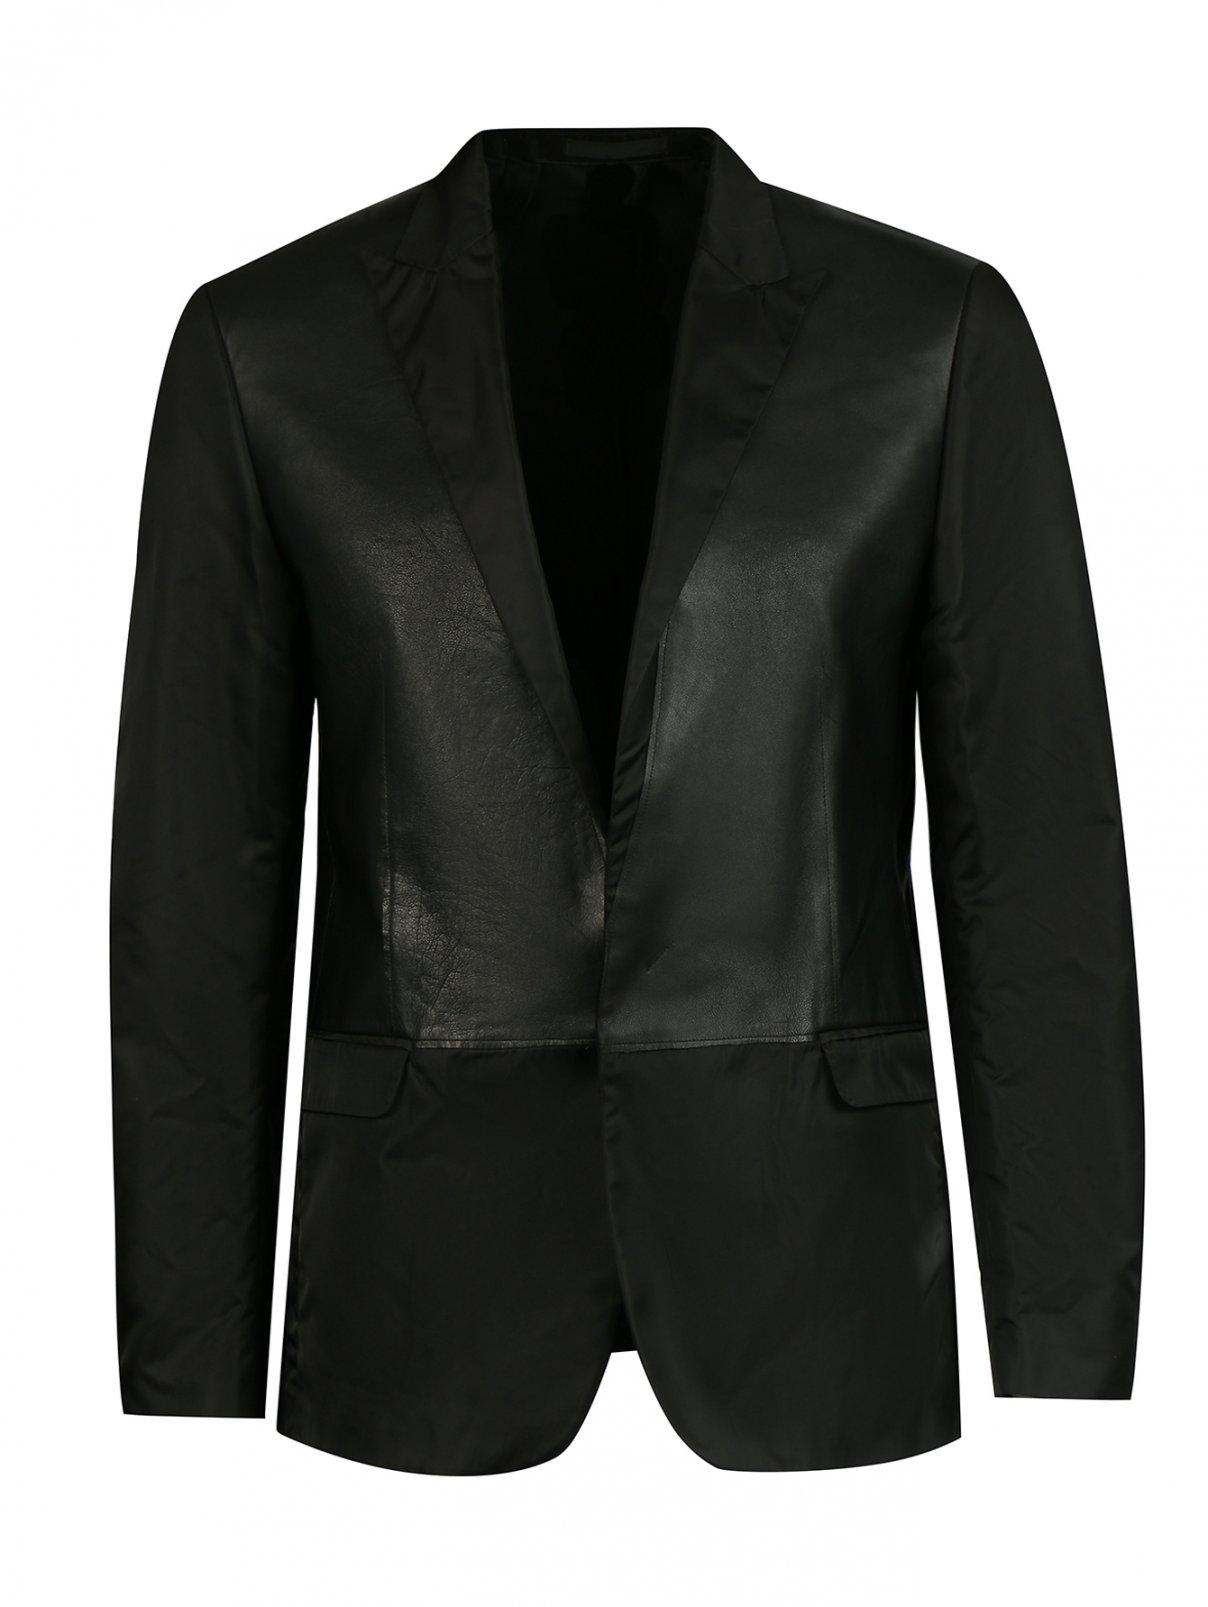 Пиджак со вставками из кожи Costume National  –  Общий вид